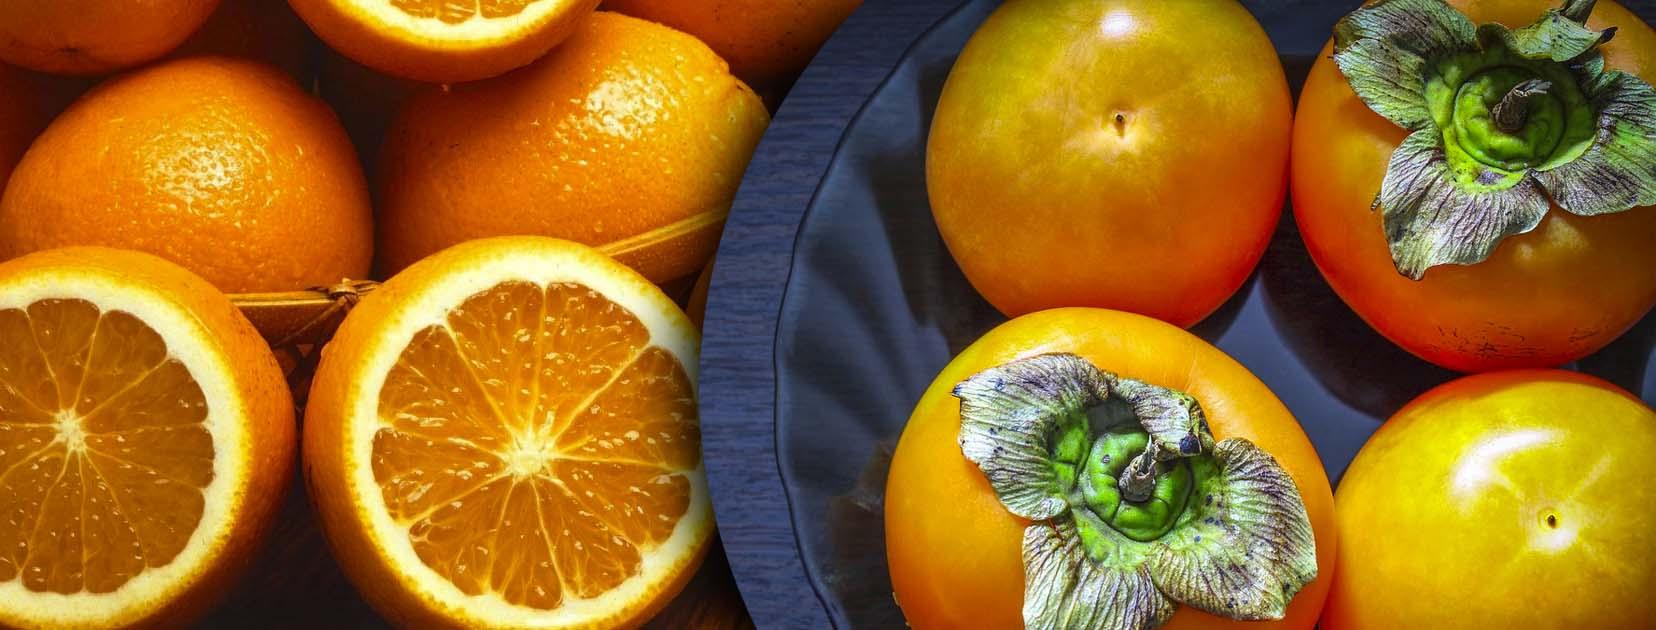 La frutta dell'inverno - Agrumi e cachi - Paladin Pharma